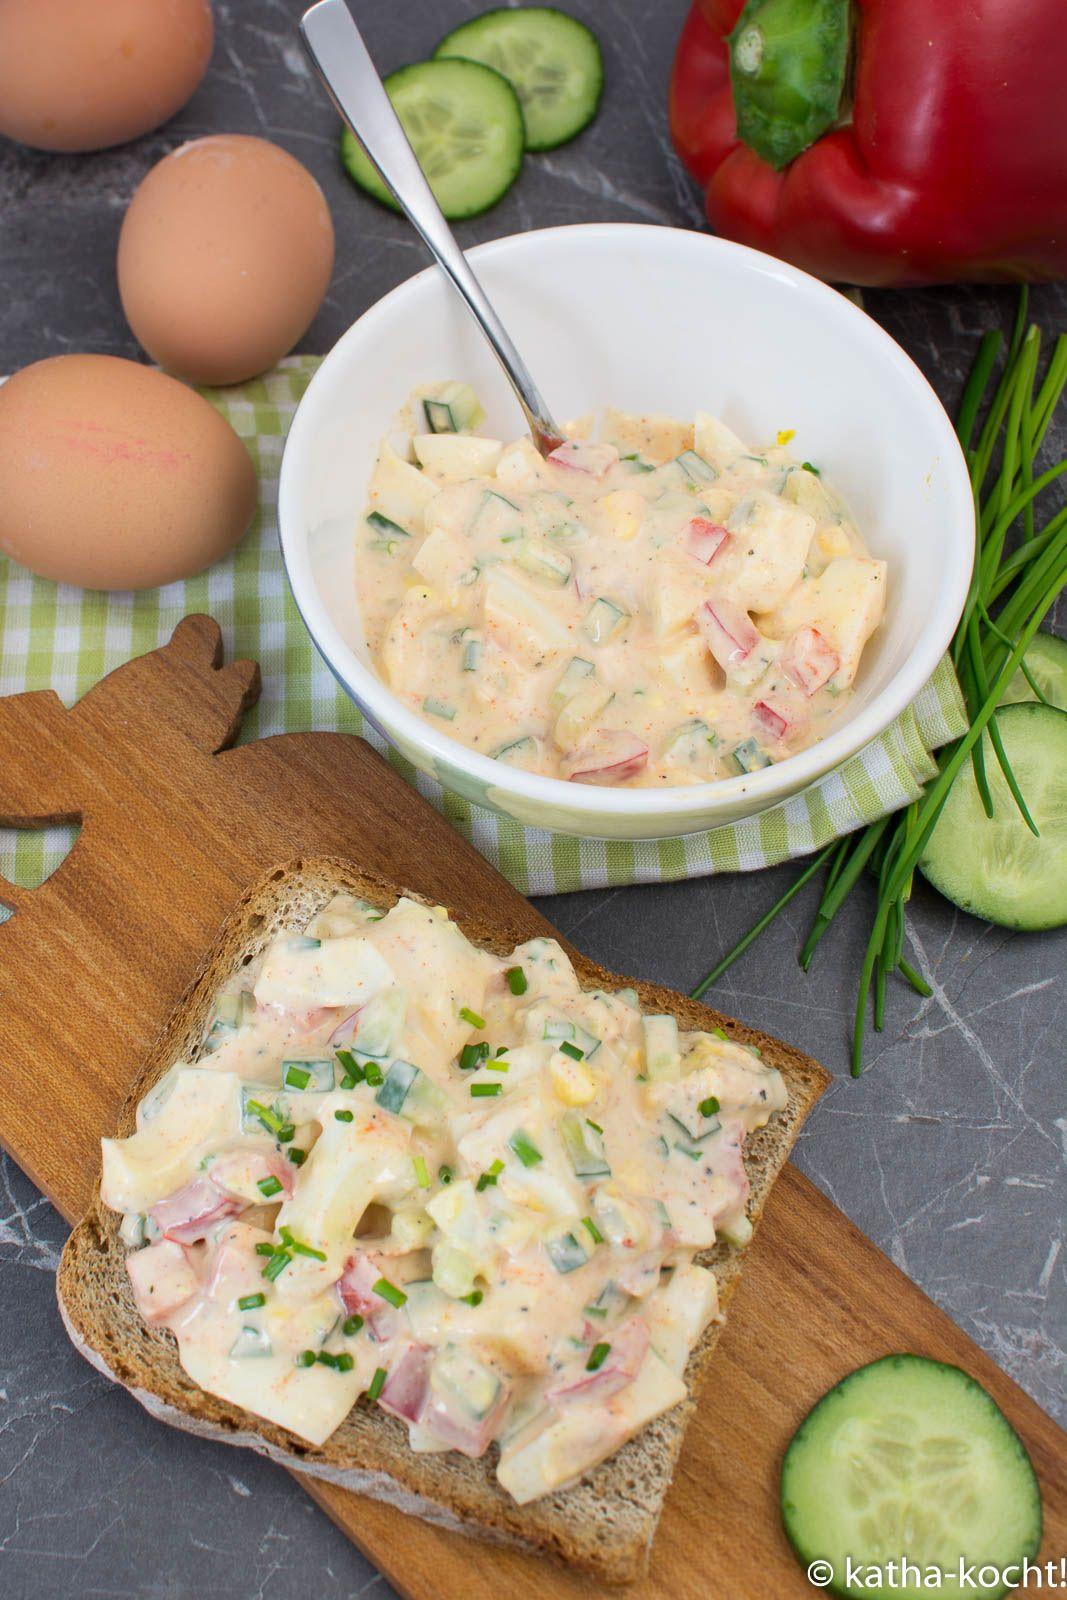 Eiersalat selber machen - die leichte Variante mit Joghurt - Katha-kocht! #potatosalad